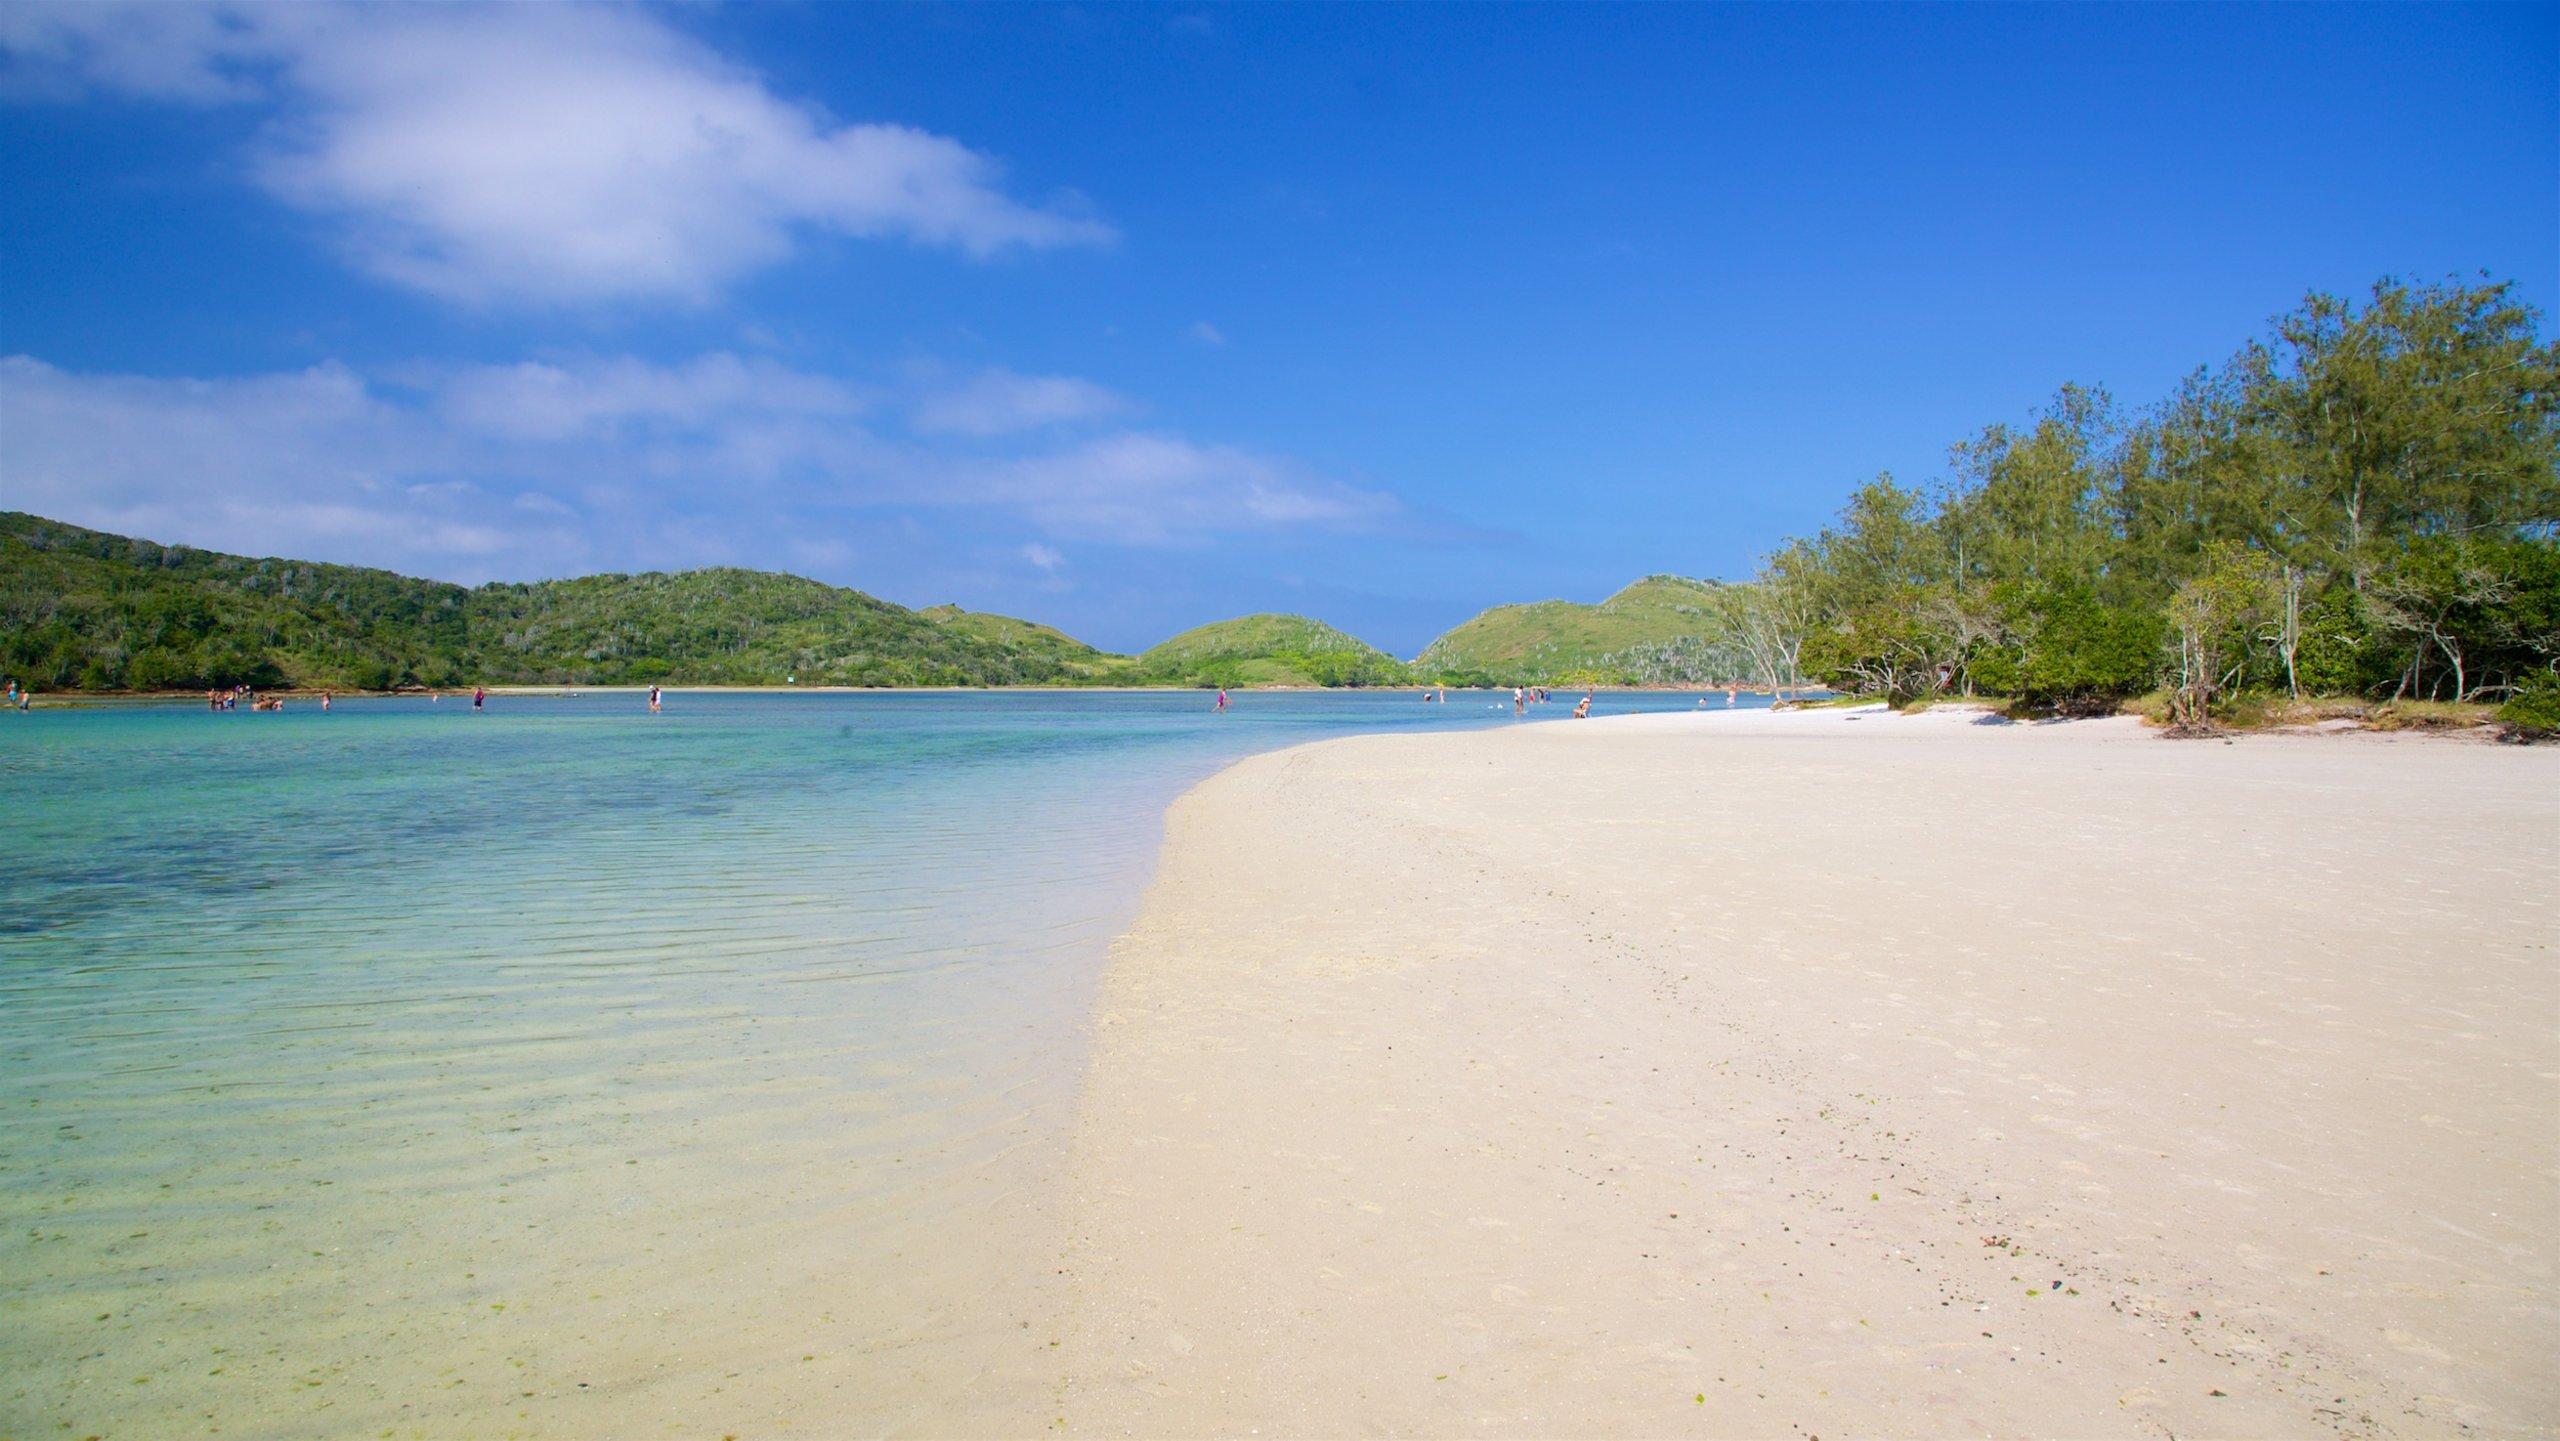 Japanese Island, Cabo Frio, Rio de Janeiro State, Brazil